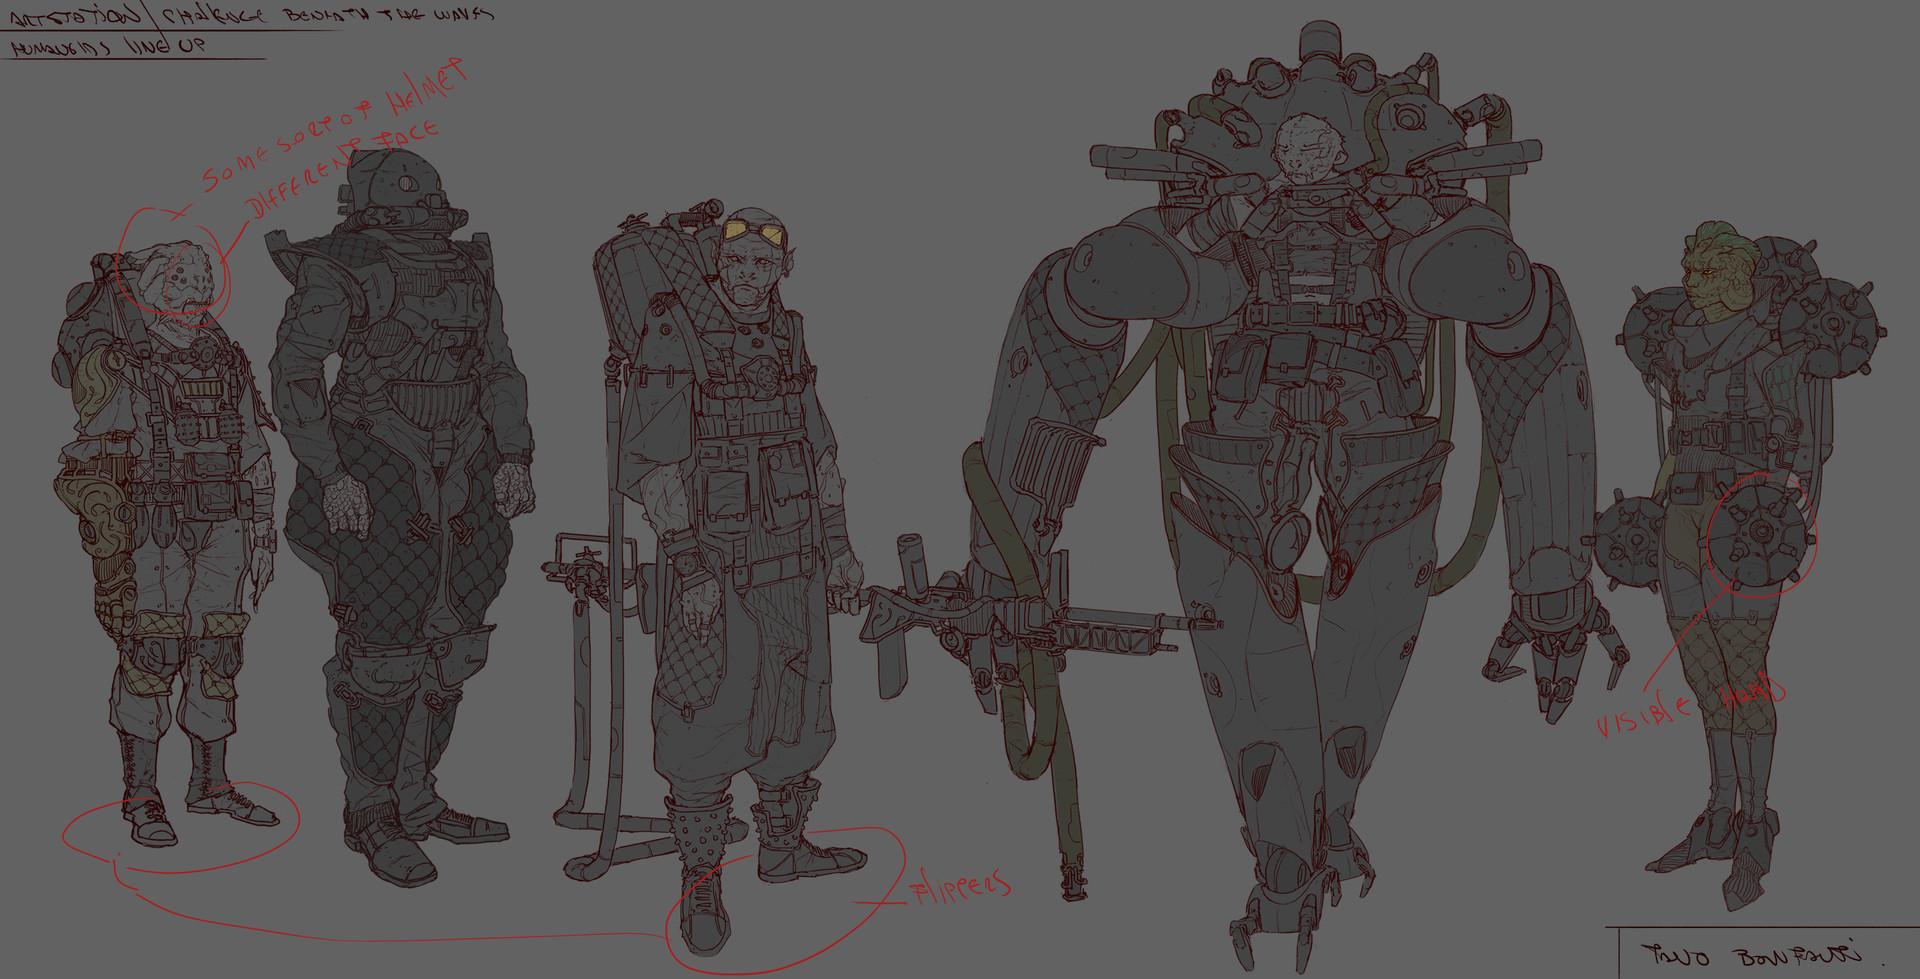 Tano bonfanti line up test humanoids1